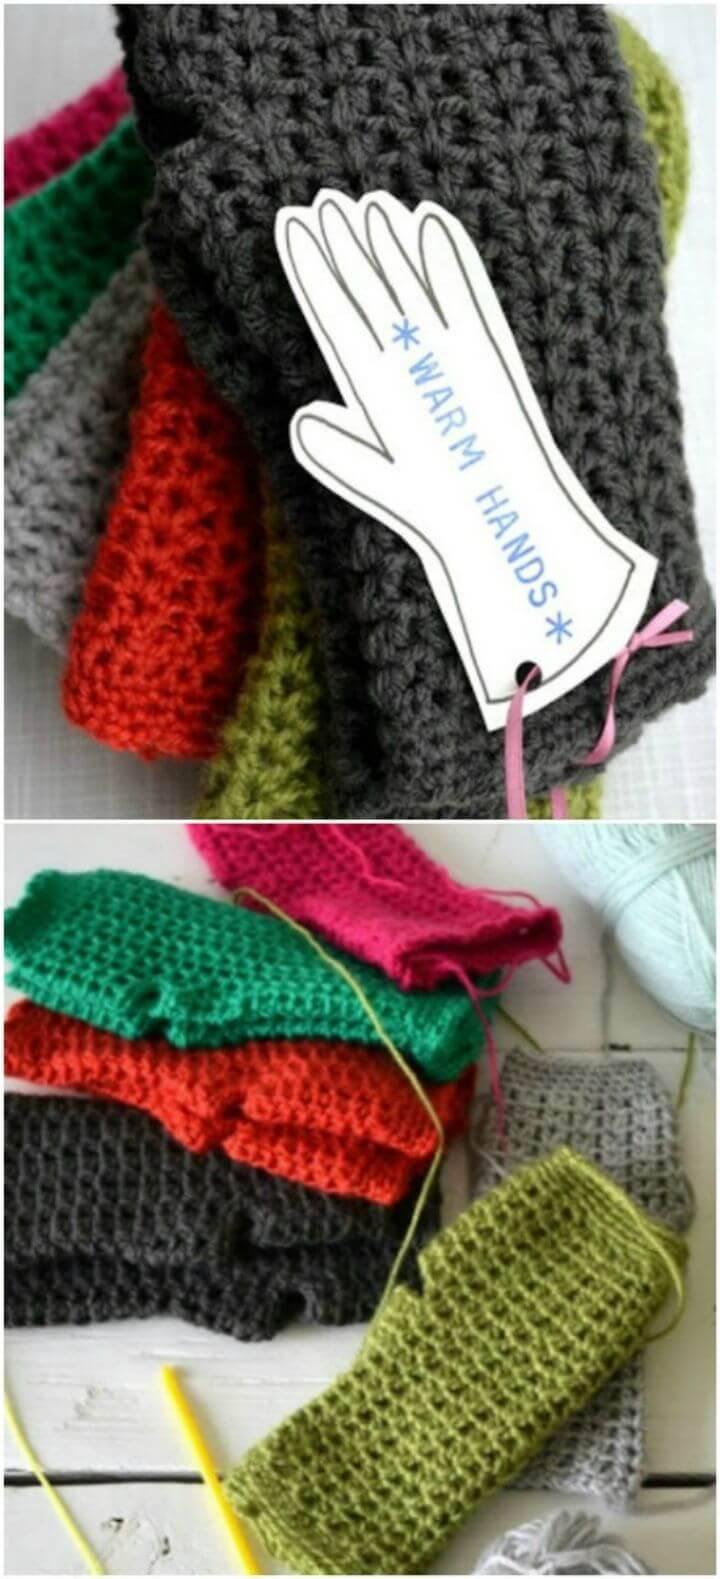 Free Crochet Hand Warmers Pattern